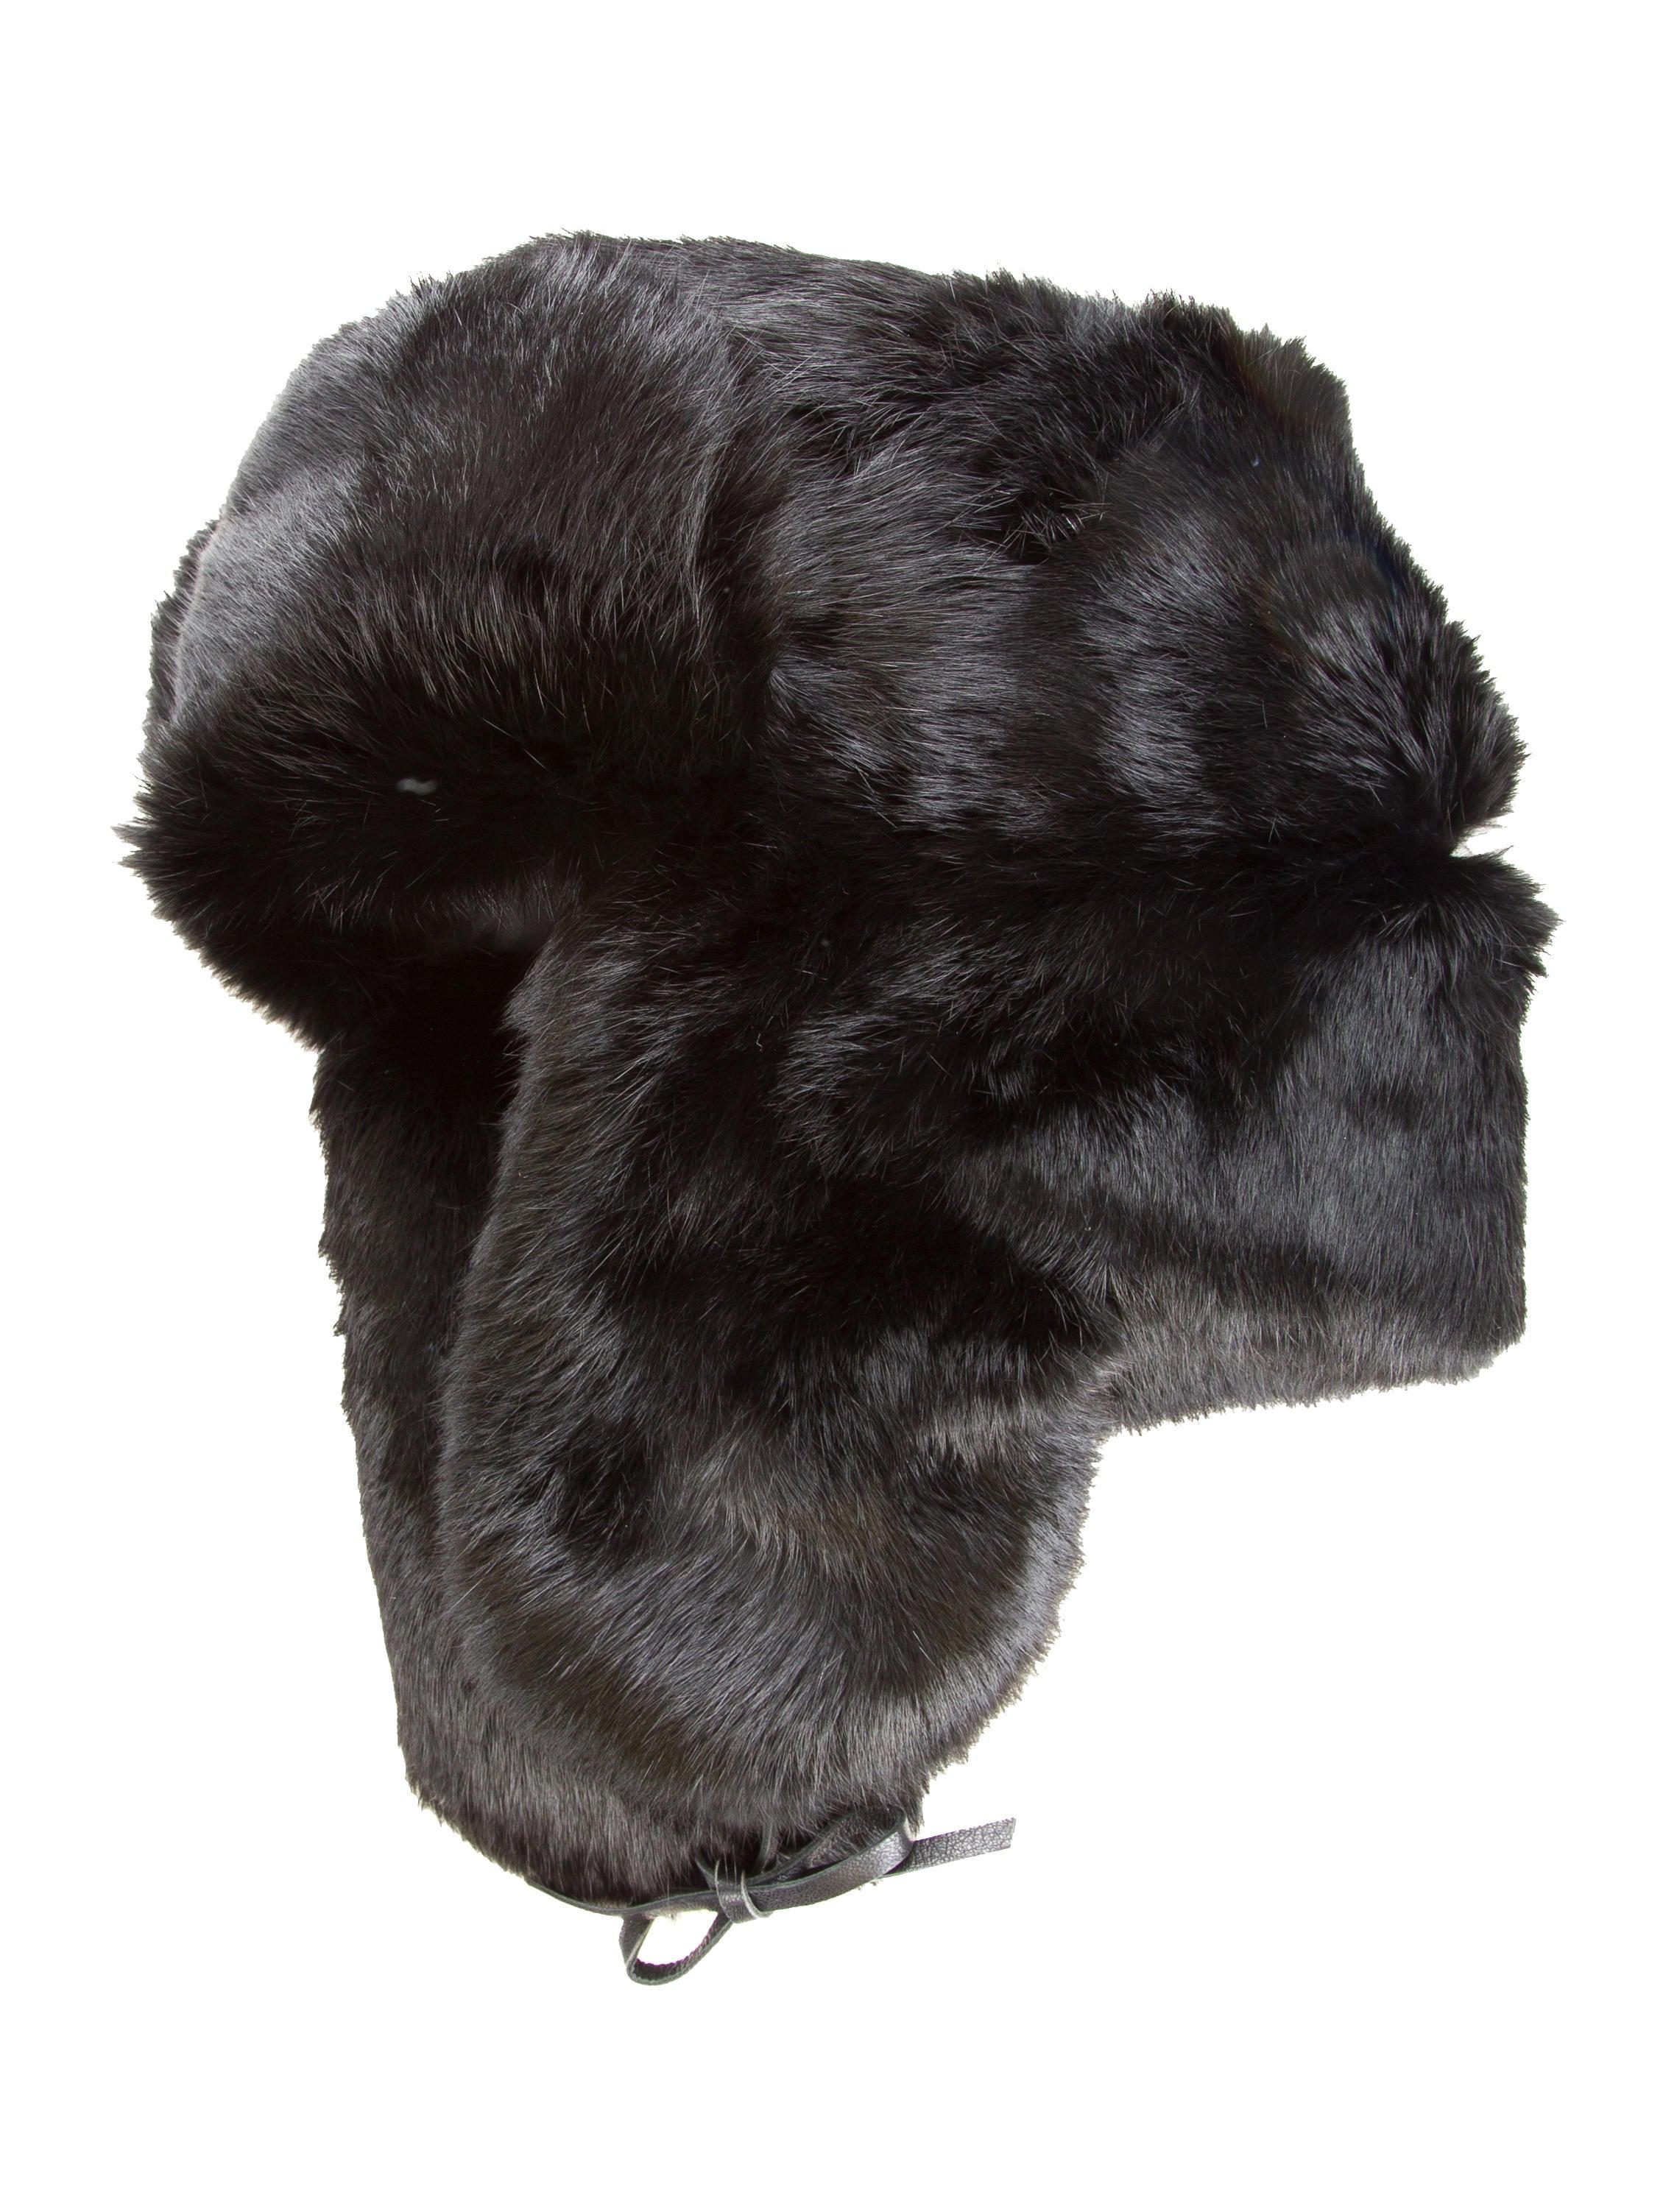 Gucci Fur Trapper Hat w  Tags - Accessories - GUC148240  5bbd63393f6